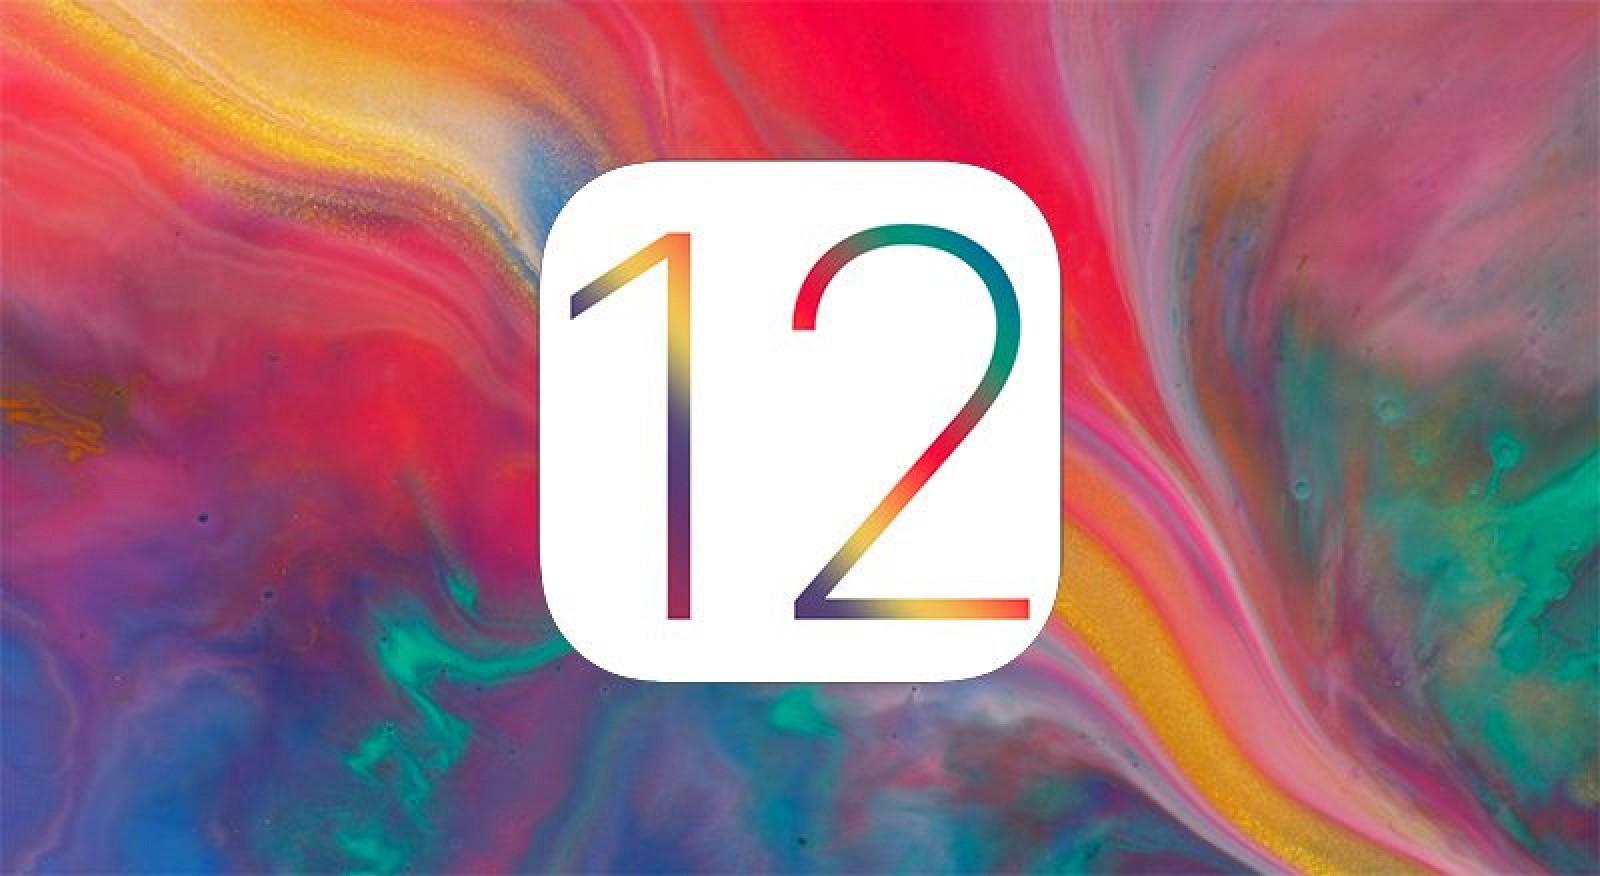 iOS 12 установлена уже на 10% iOS устройств за 48 часов после выхода